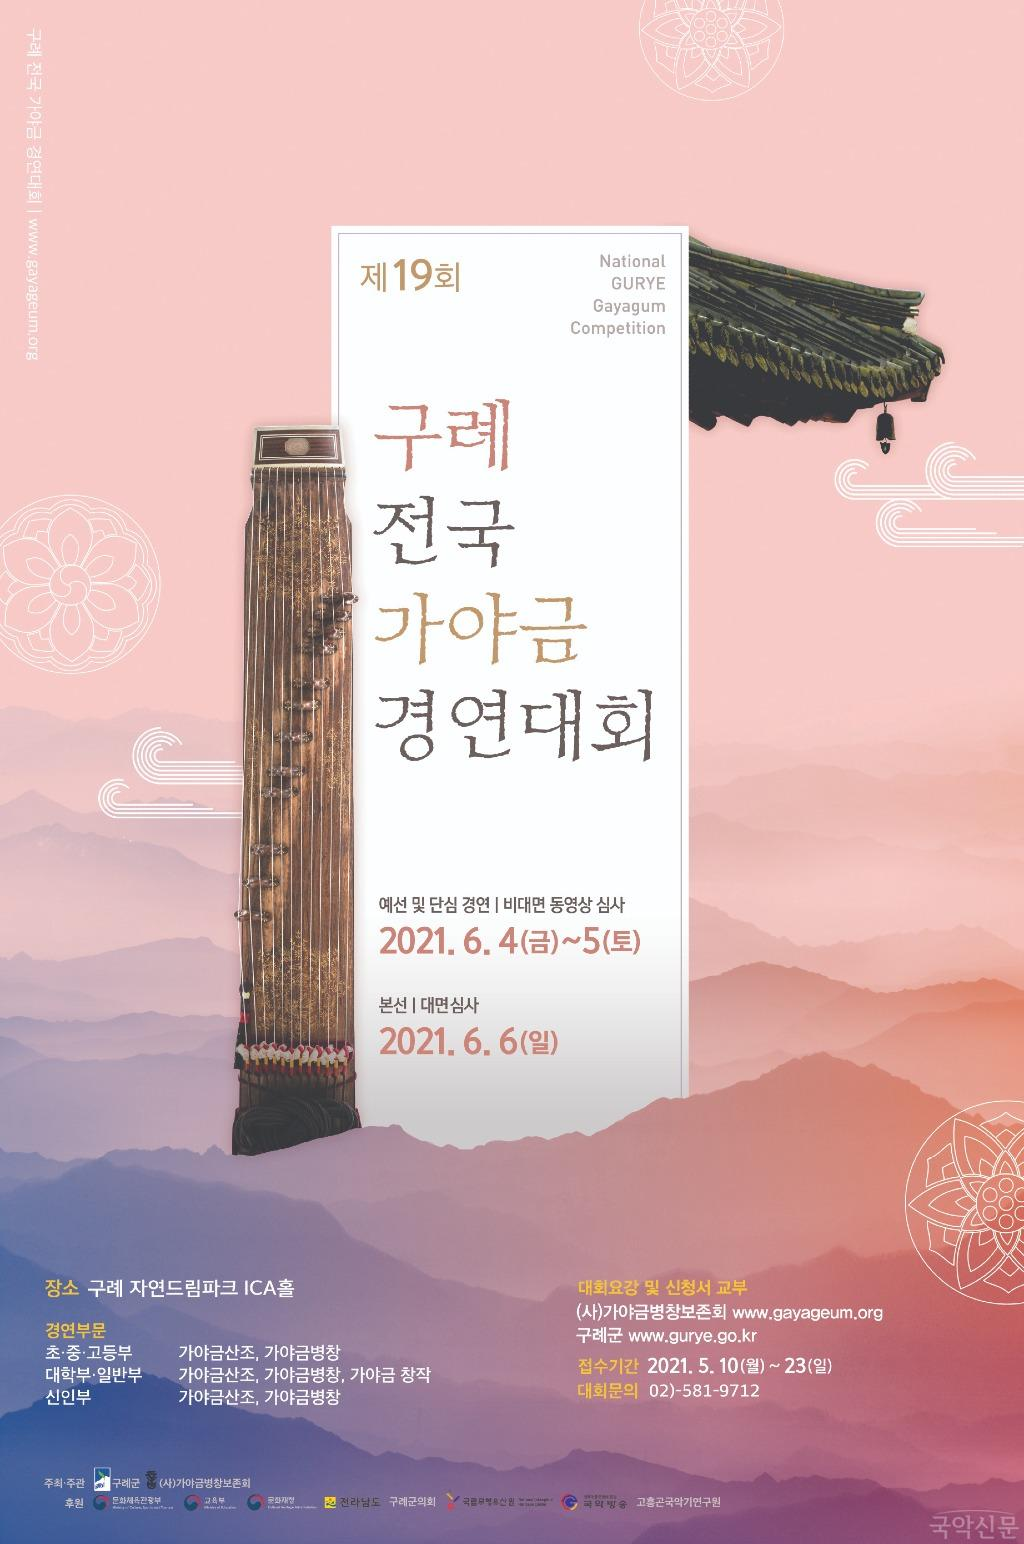 제19회 구례전국가야금경연대회 포스터.jpg